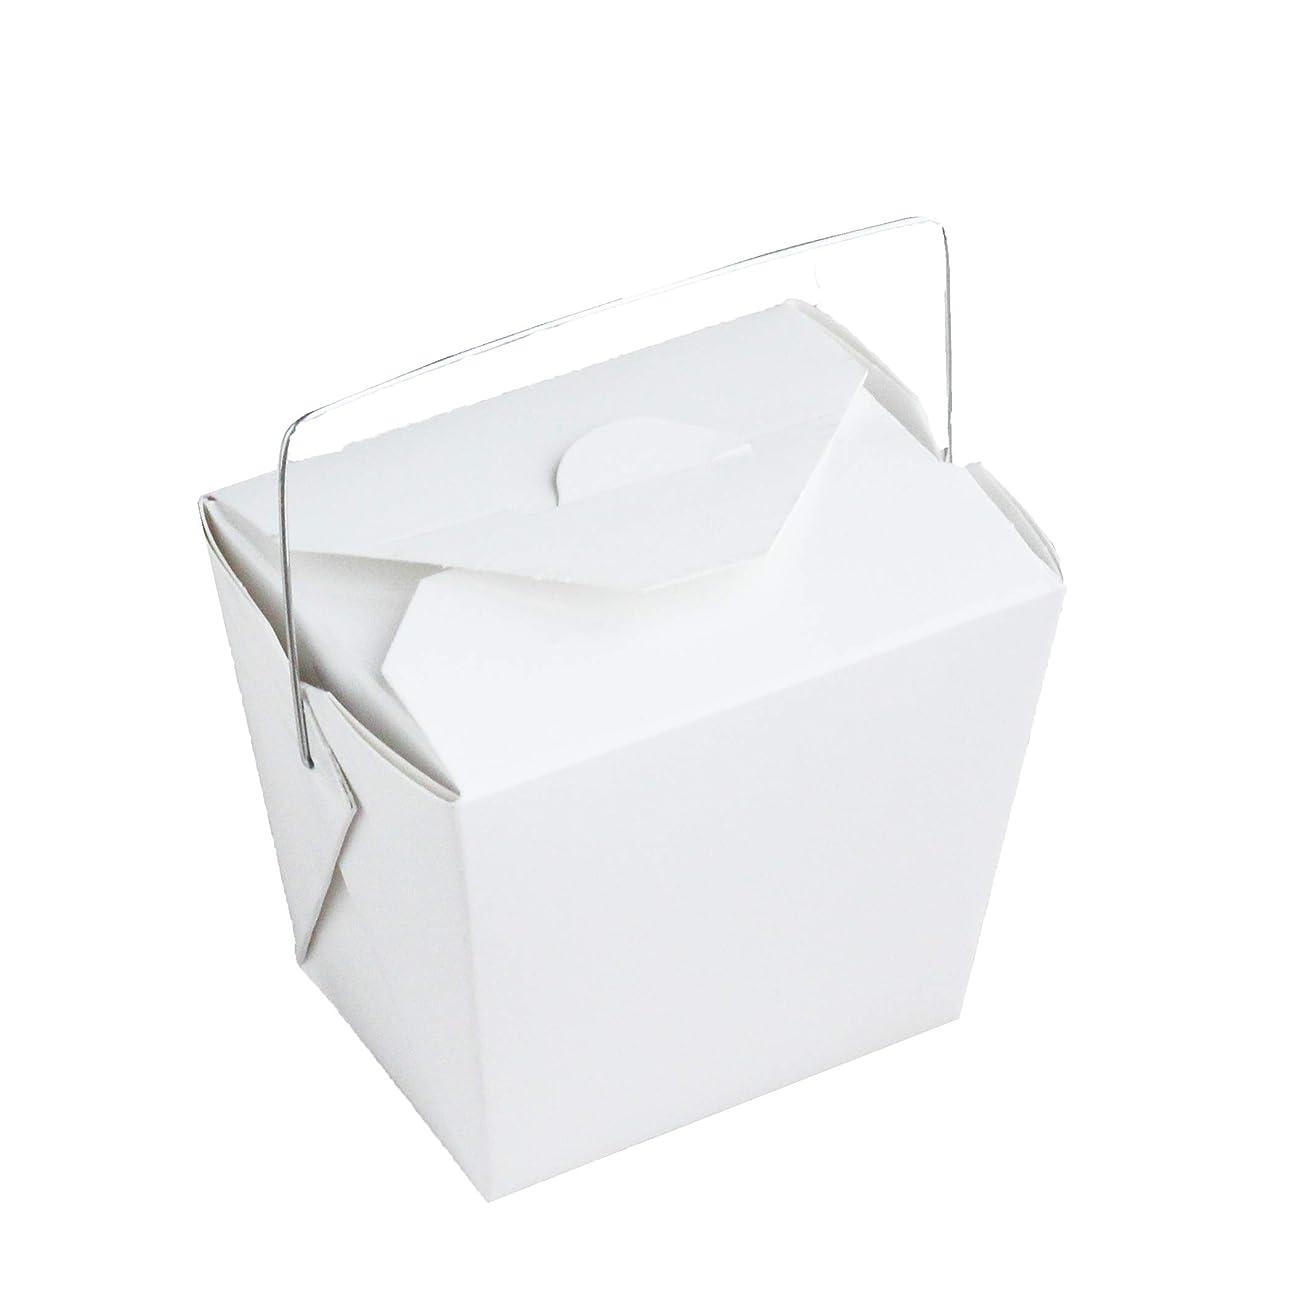 デマンド超越するセイはさておき手作り石けん用 ワイヤー取っ手付きホワイトペーパー型 10個